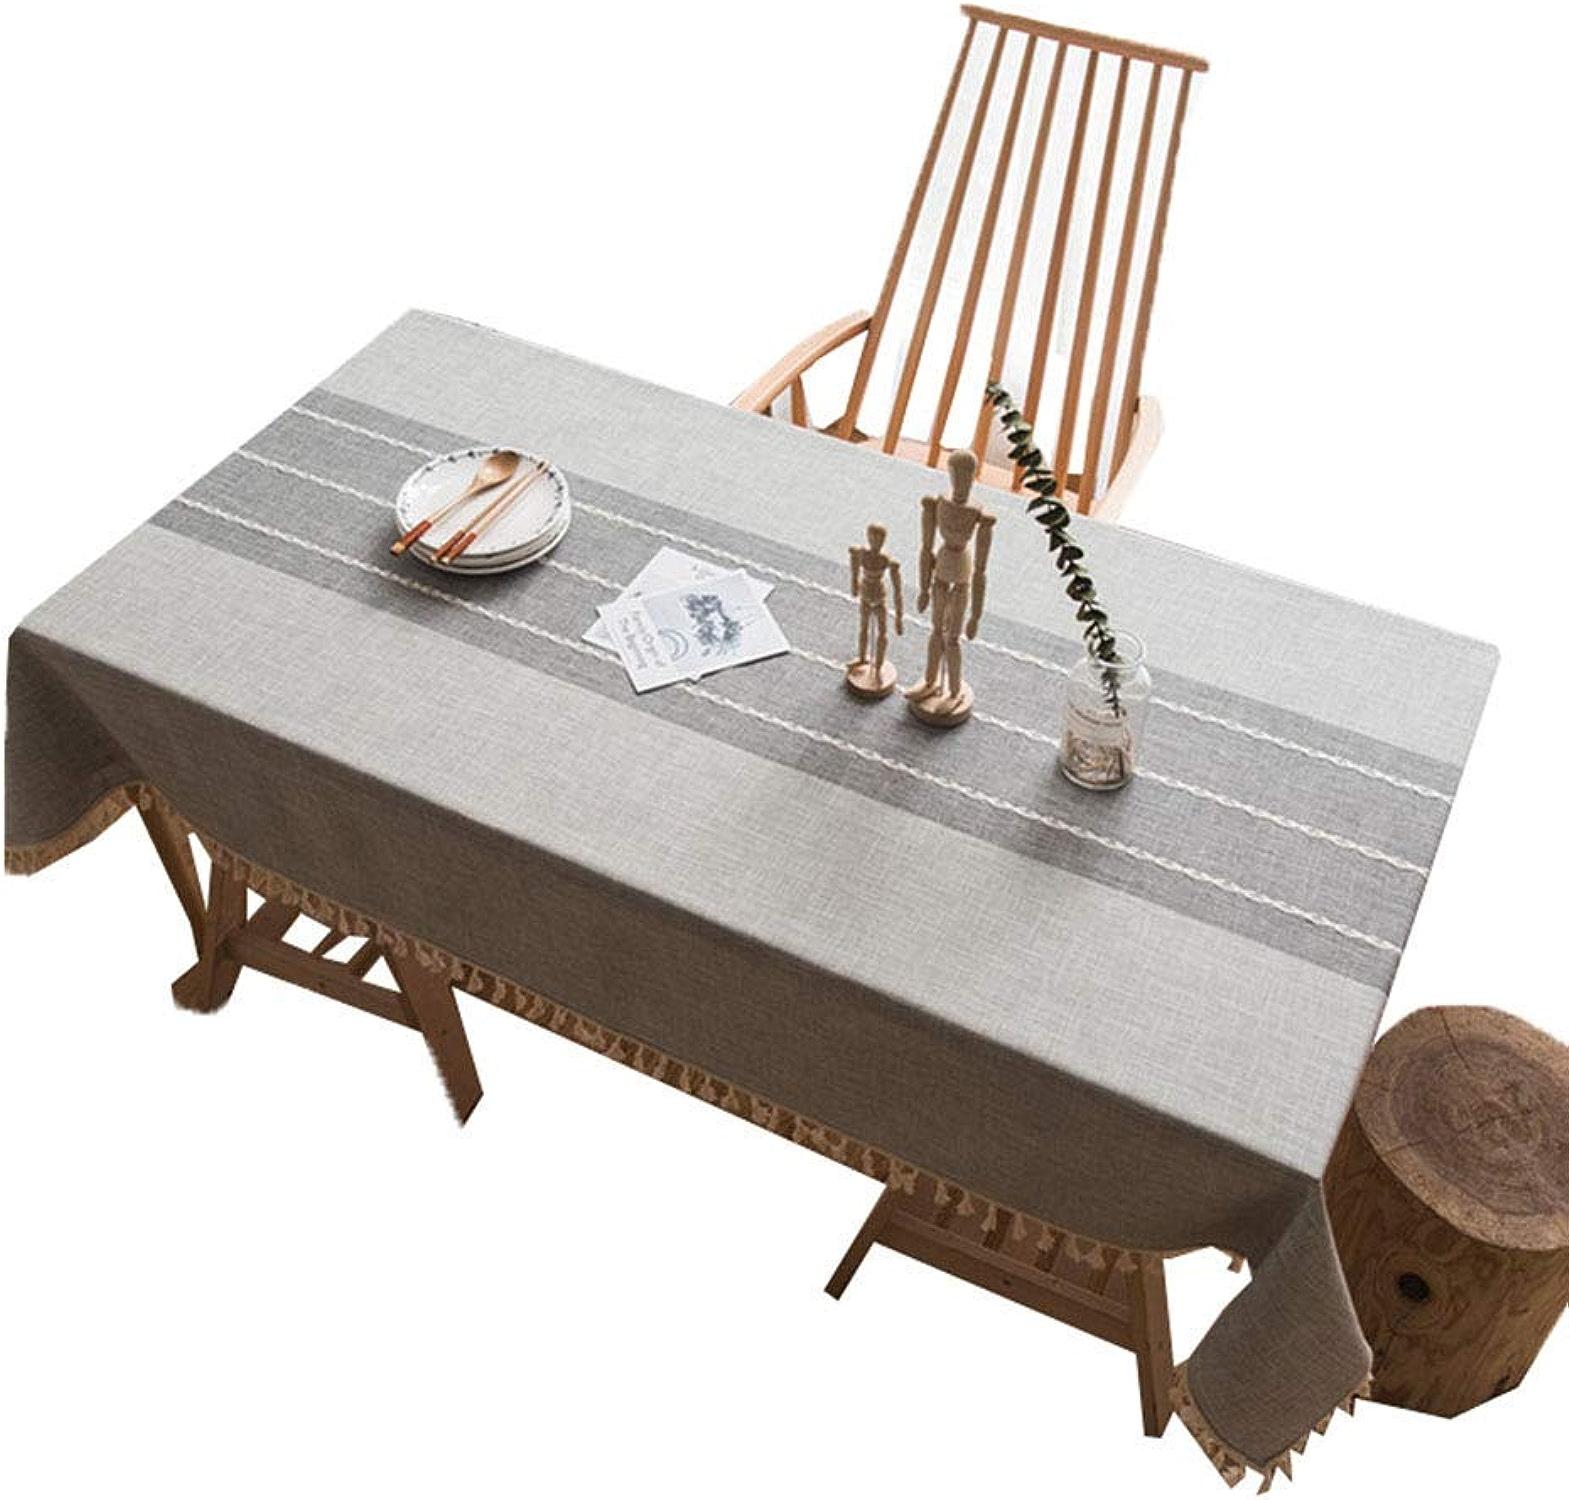 Wghz de plein air Table Cloth - Nappe en Tissu poussière, Anti-saleté, Anti-Huile Facile à Entretenir Douce et Respirante, Nappe de Pique-Nique pour l'intérieur et l'extérieur, gris_100x140cm